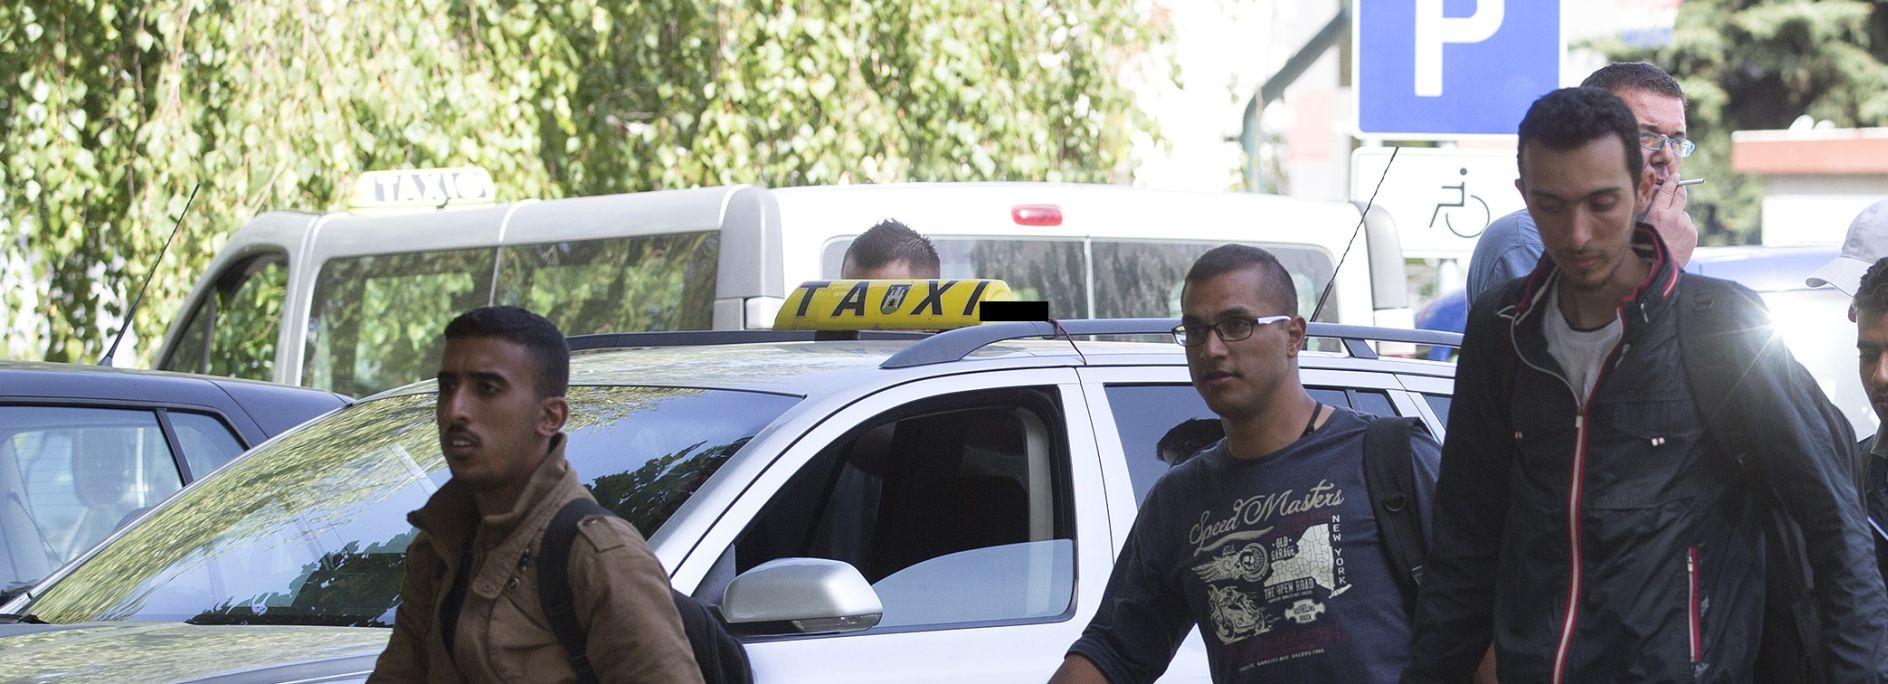 300 EURA DO BREGANE Poziv taksistima da ne zarađuju na izbjeglicama